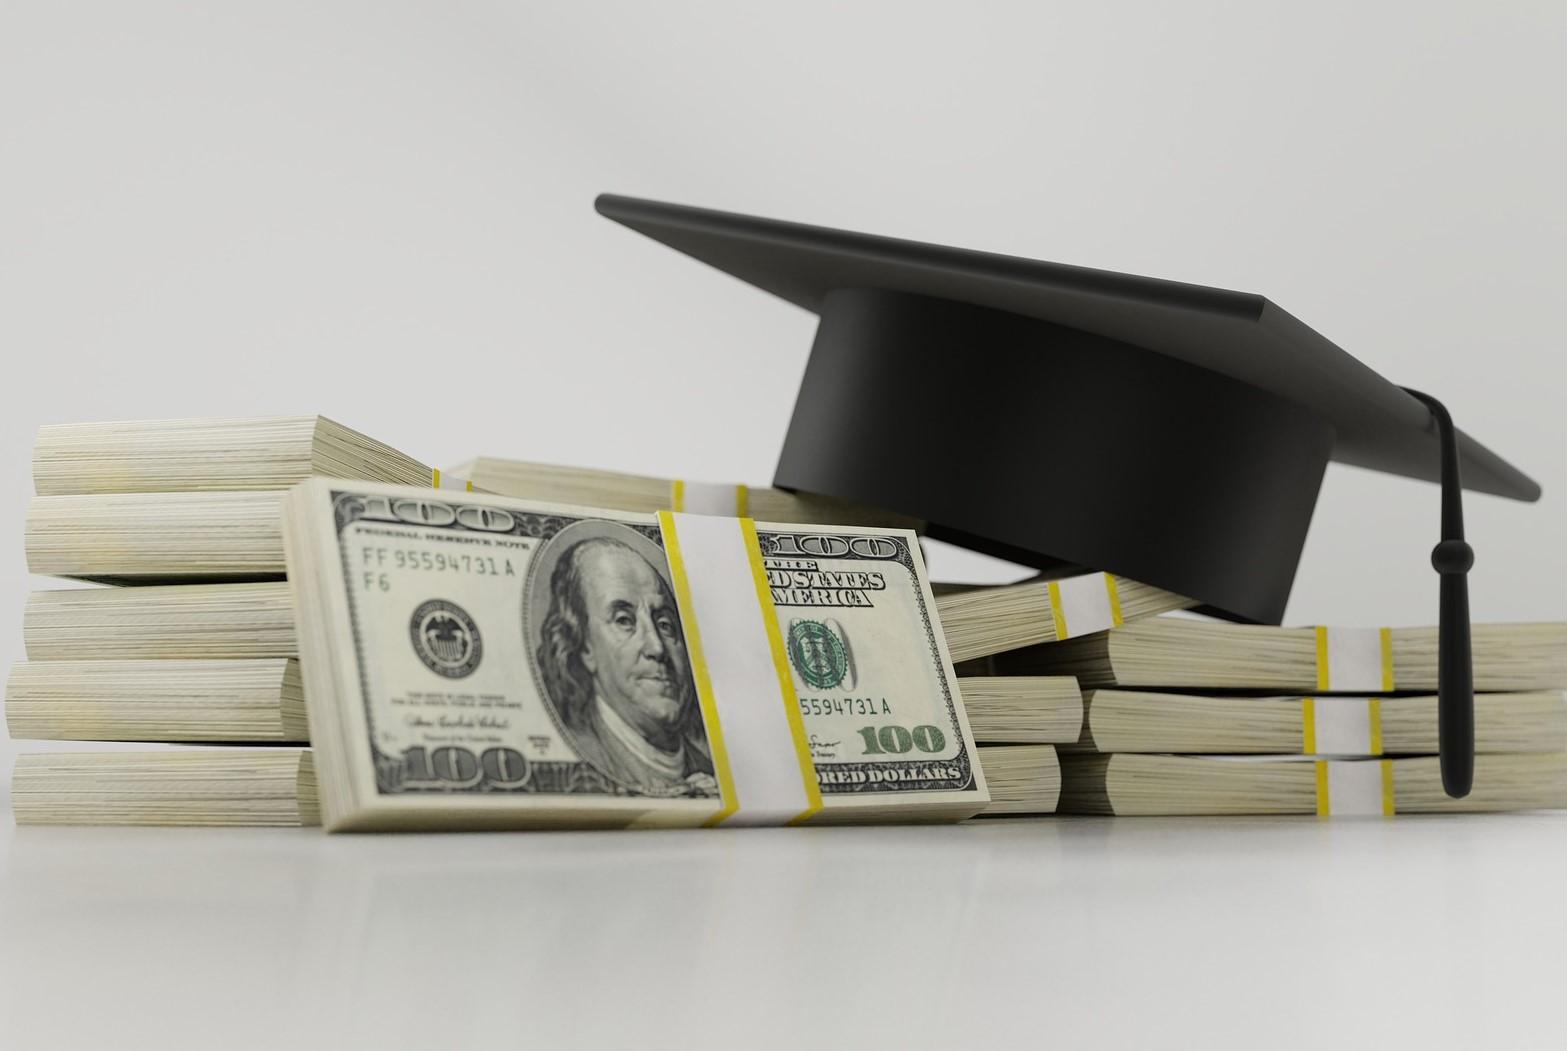 САЩ ще опростят студентски кредити за над 200 милиарда долара до 2029 година